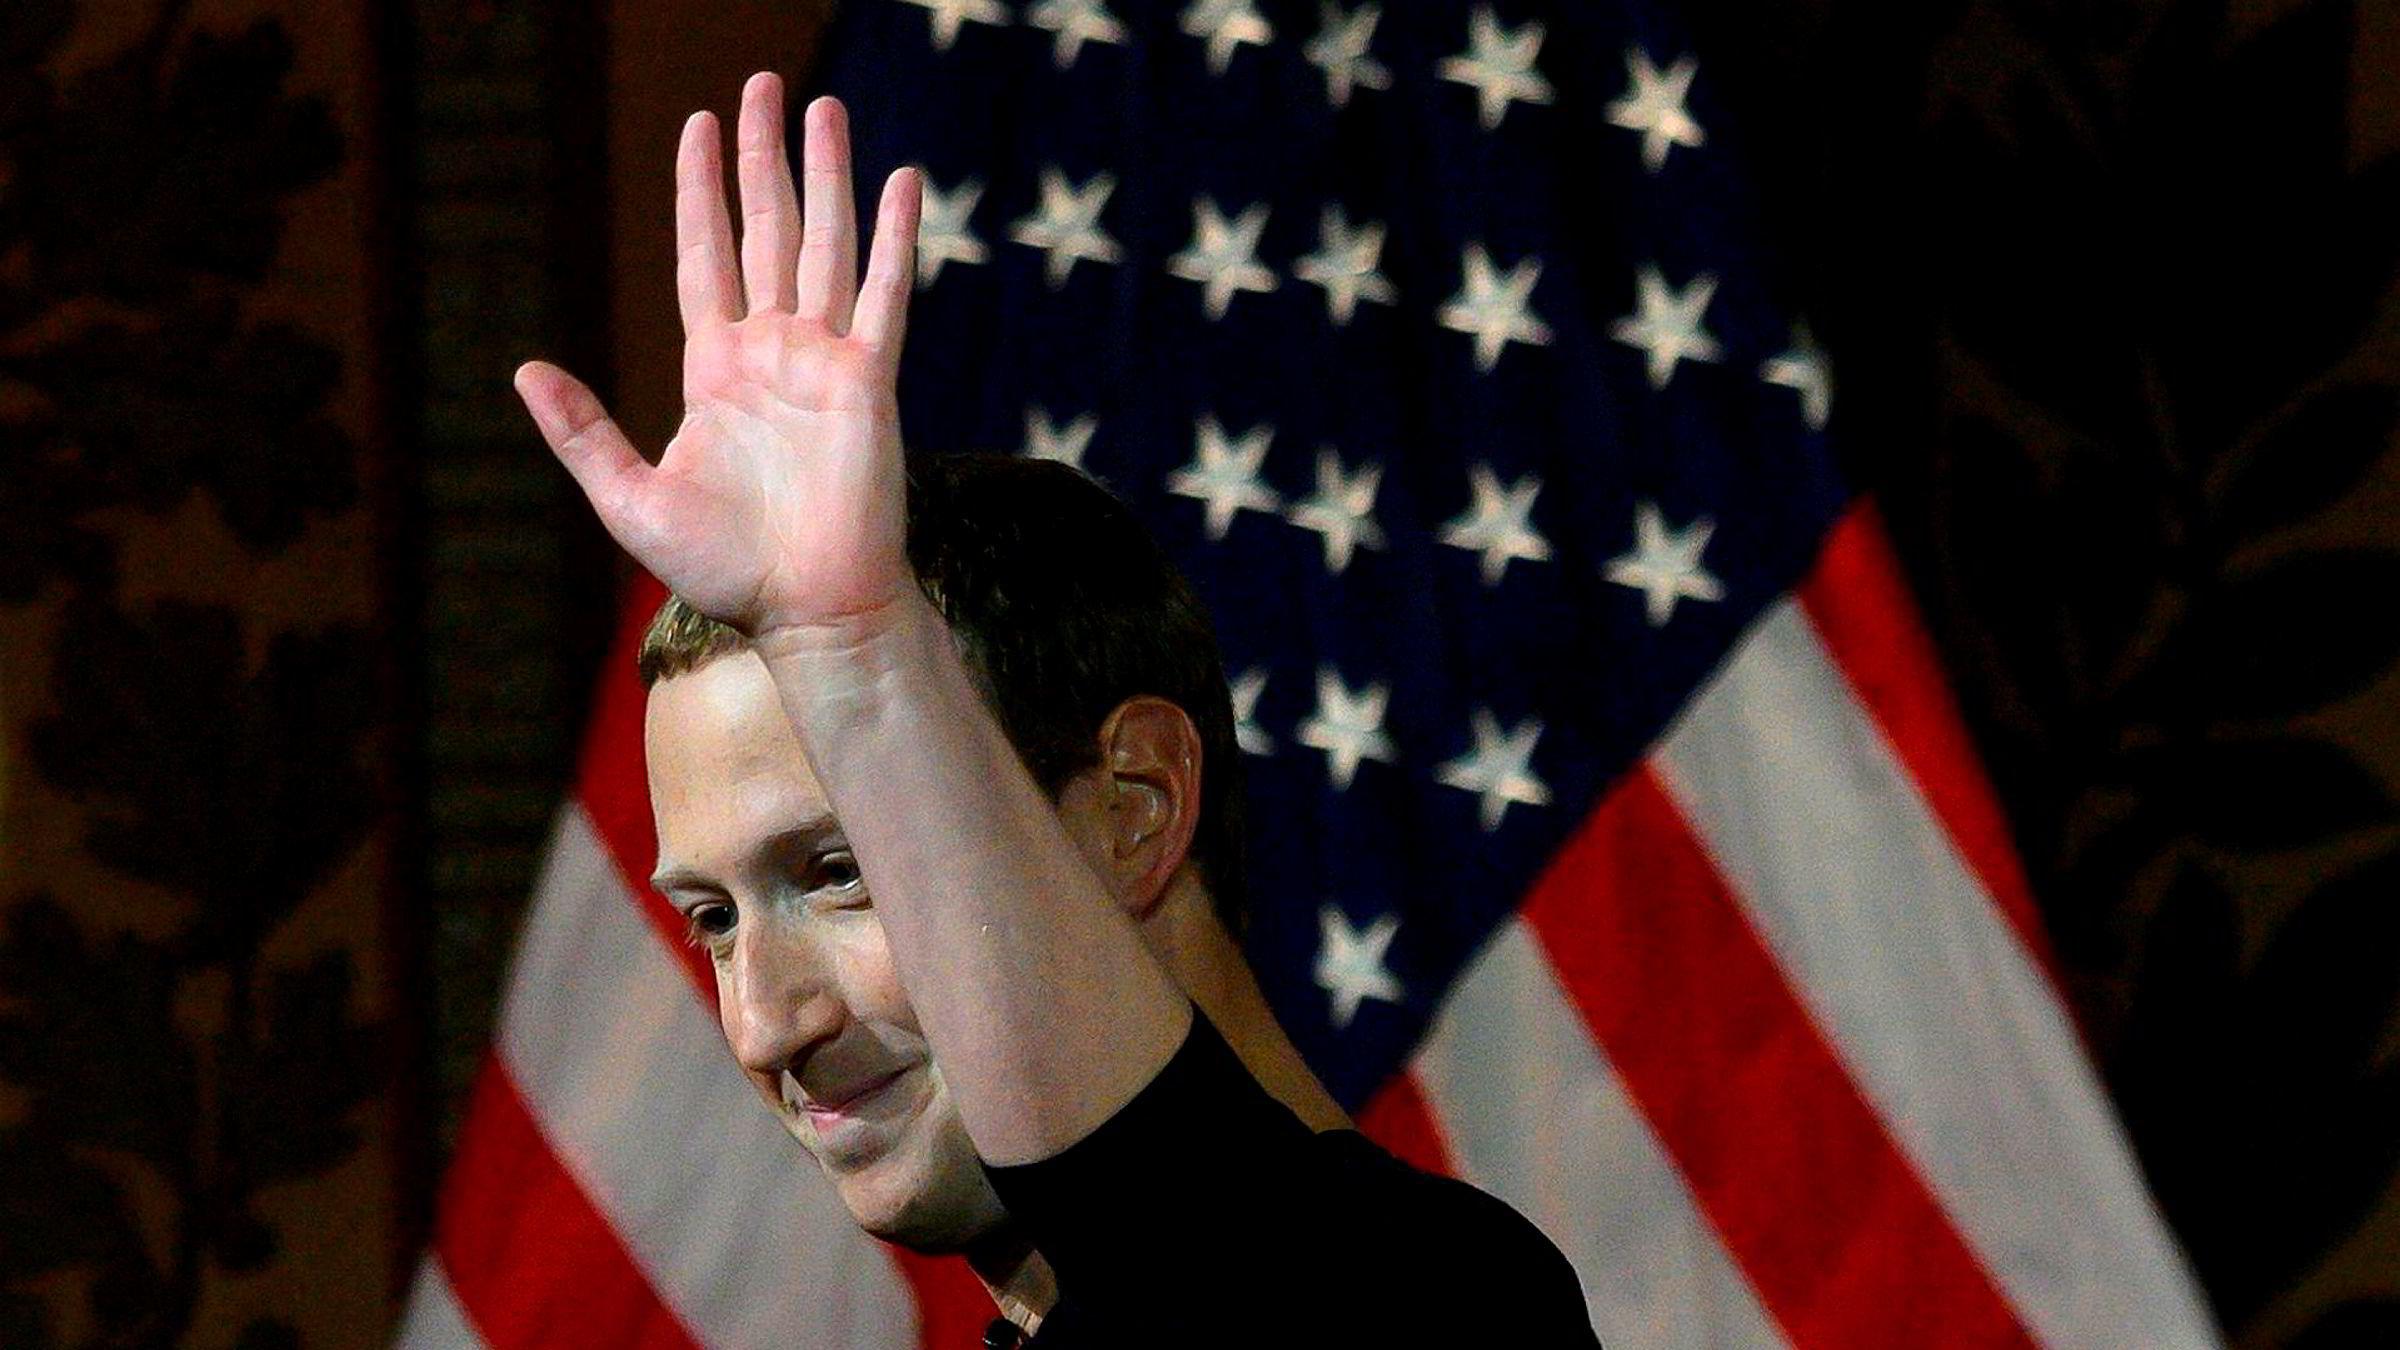 Facebook møter konkurranse fra Kina. Grunnlegger Mark Zuckerberg advarte mot sensur og konsekvensene hvis amerikanske politikere bestemmer seg for å bryte opp teknologiselskapene under et innlegg ved Georgetown University på torsdag.